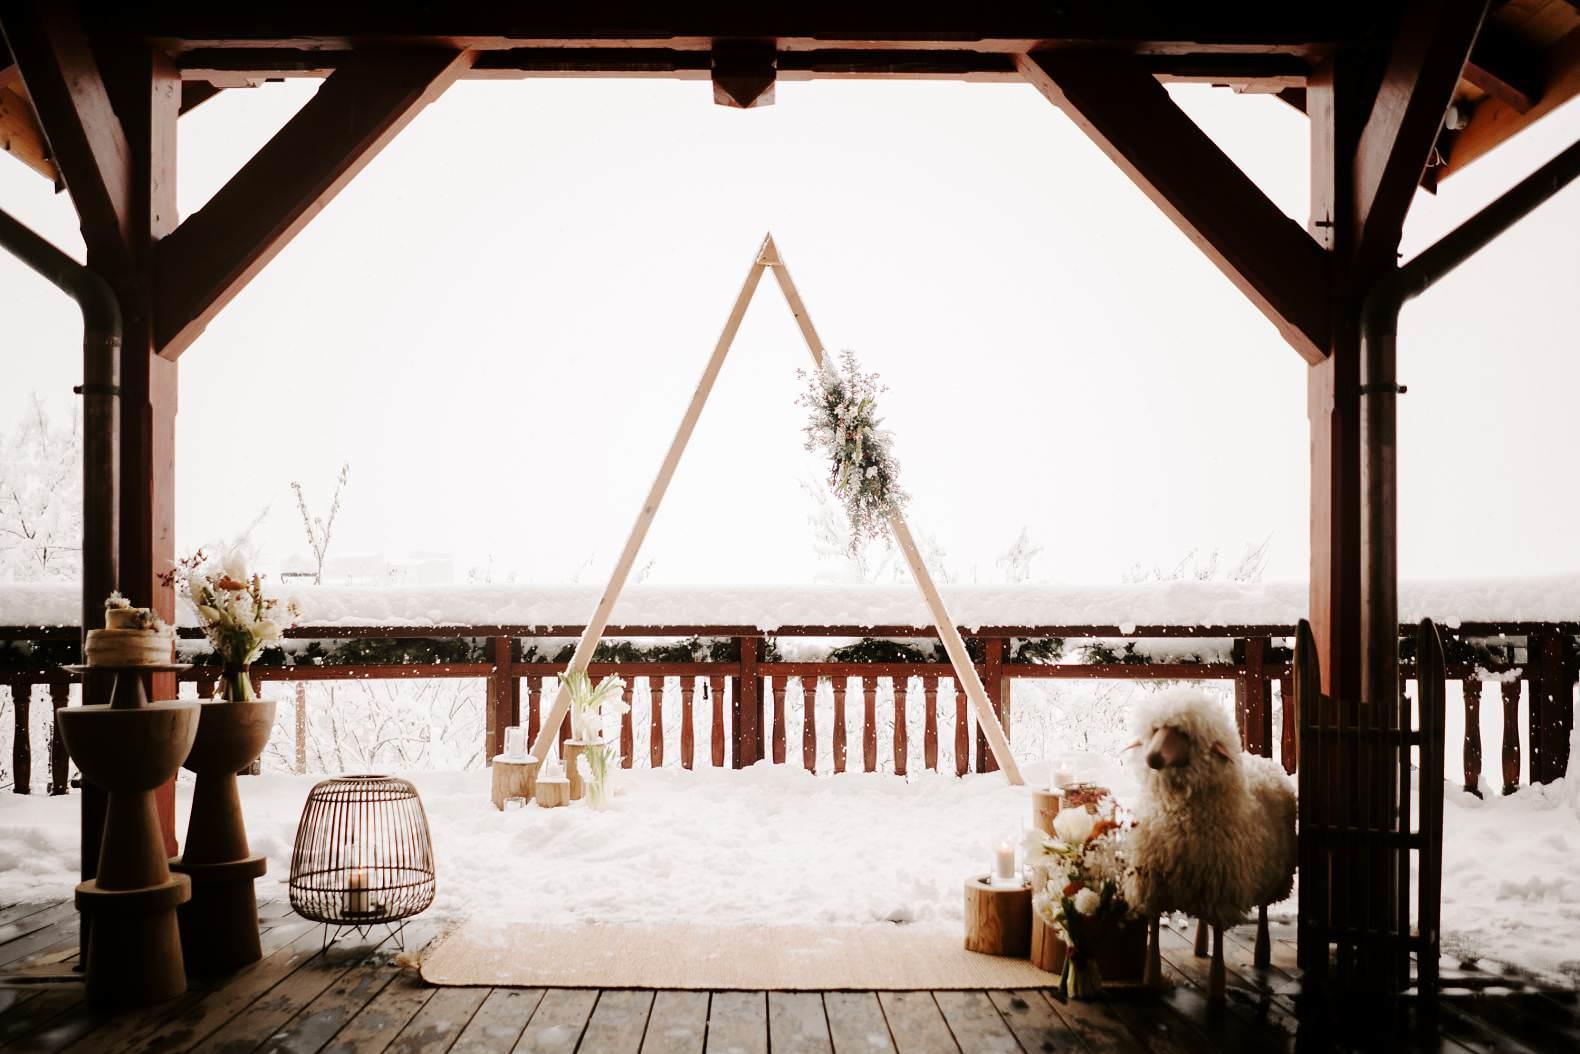 mariage hiver alpes huez isere hotel grandes rousses photographe bel esprit 0021